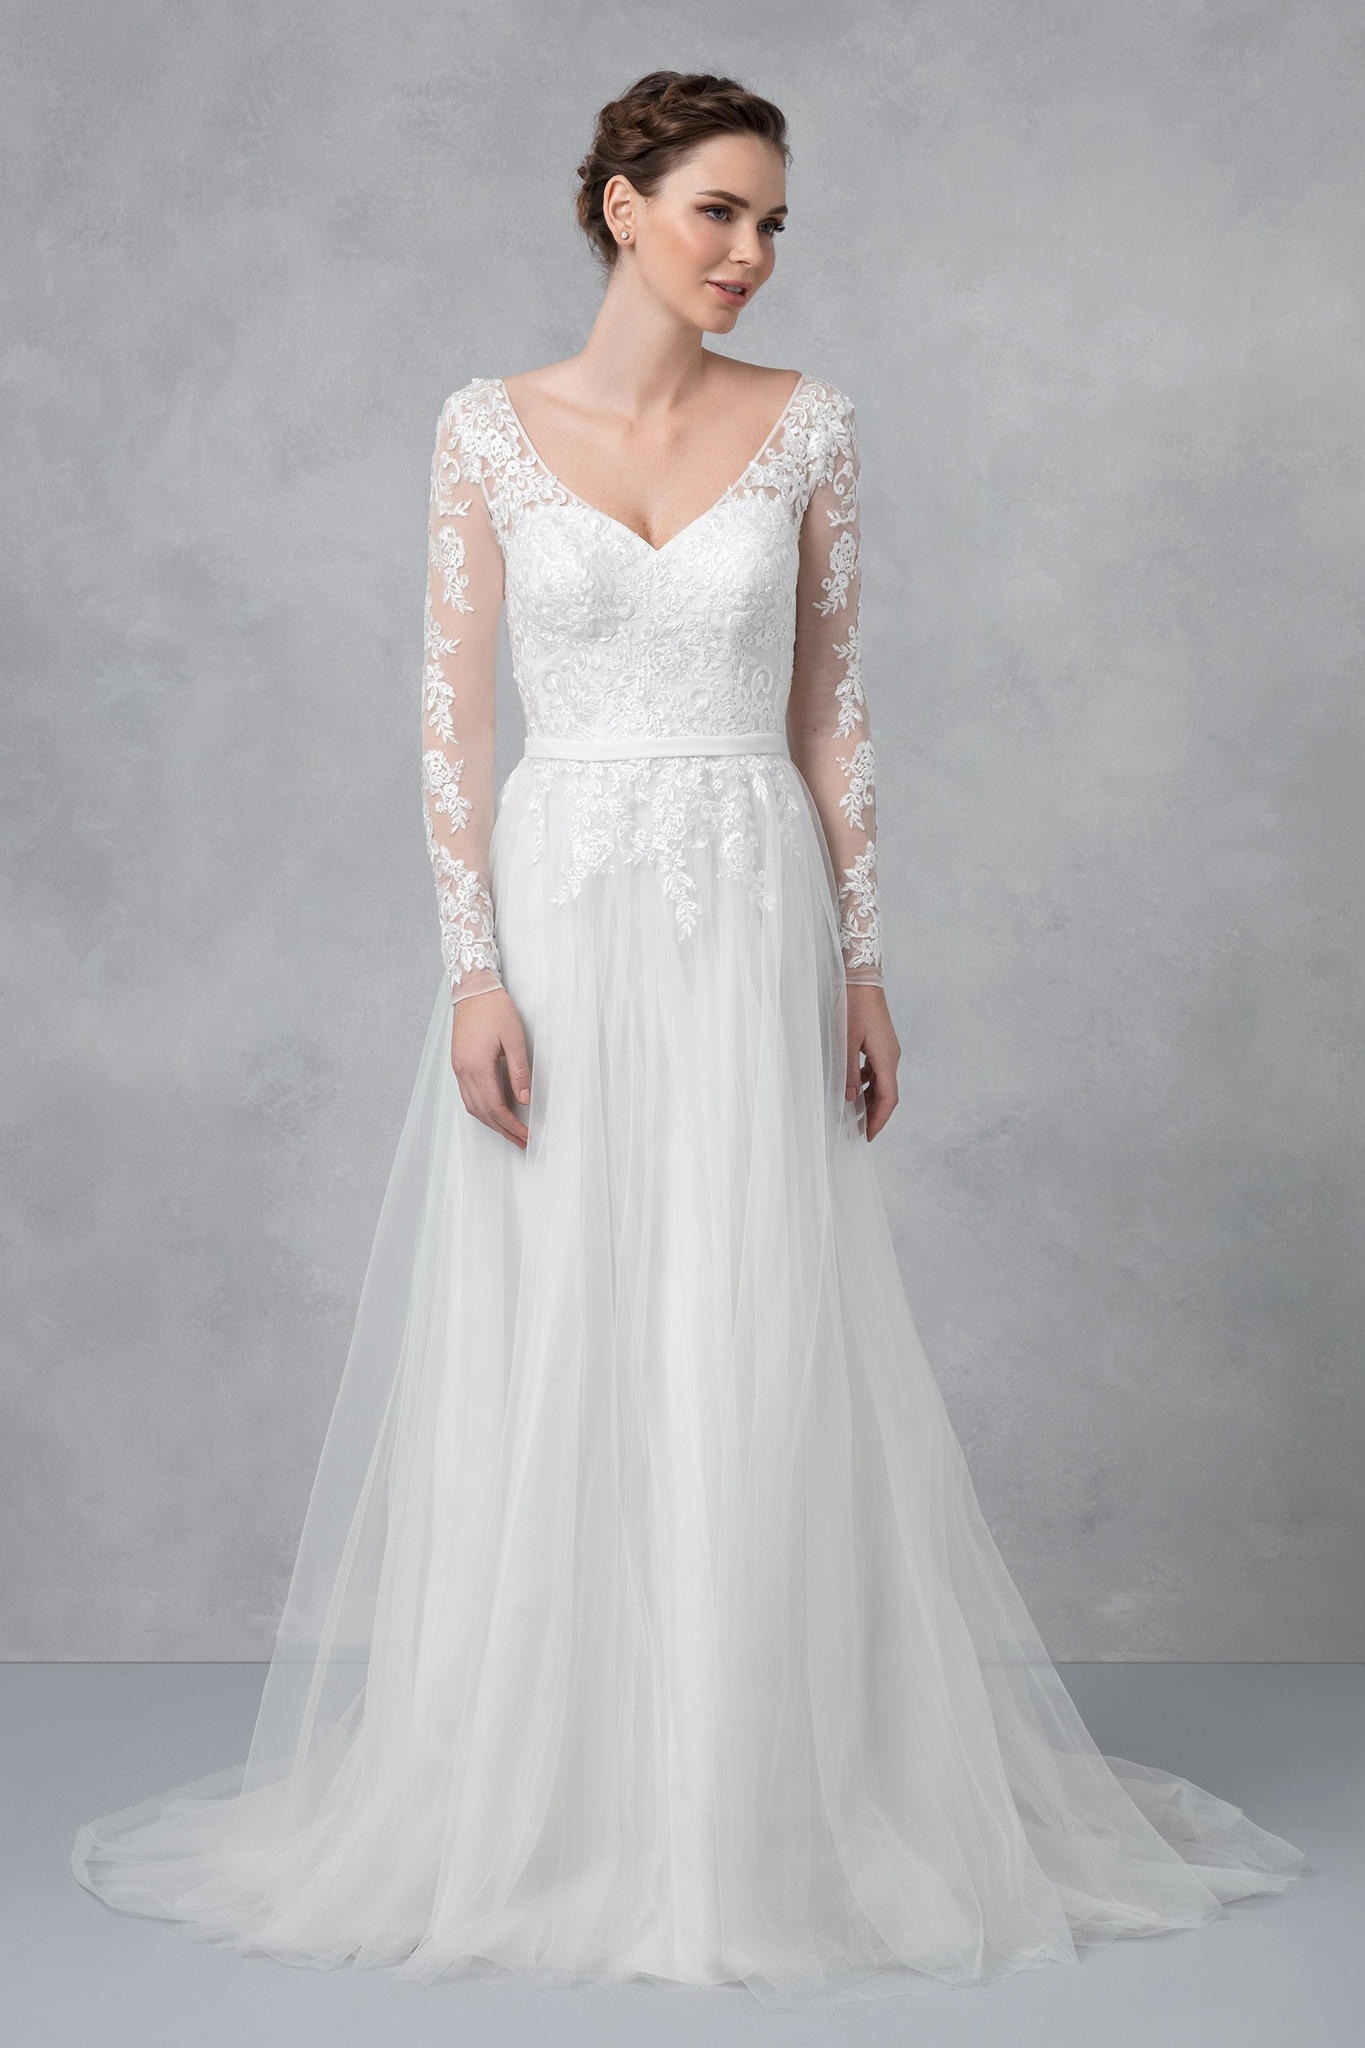 Designer Leicht Schöne Hochzeitskleider Design17 Cool Schöne Hochzeitskleider Ärmel